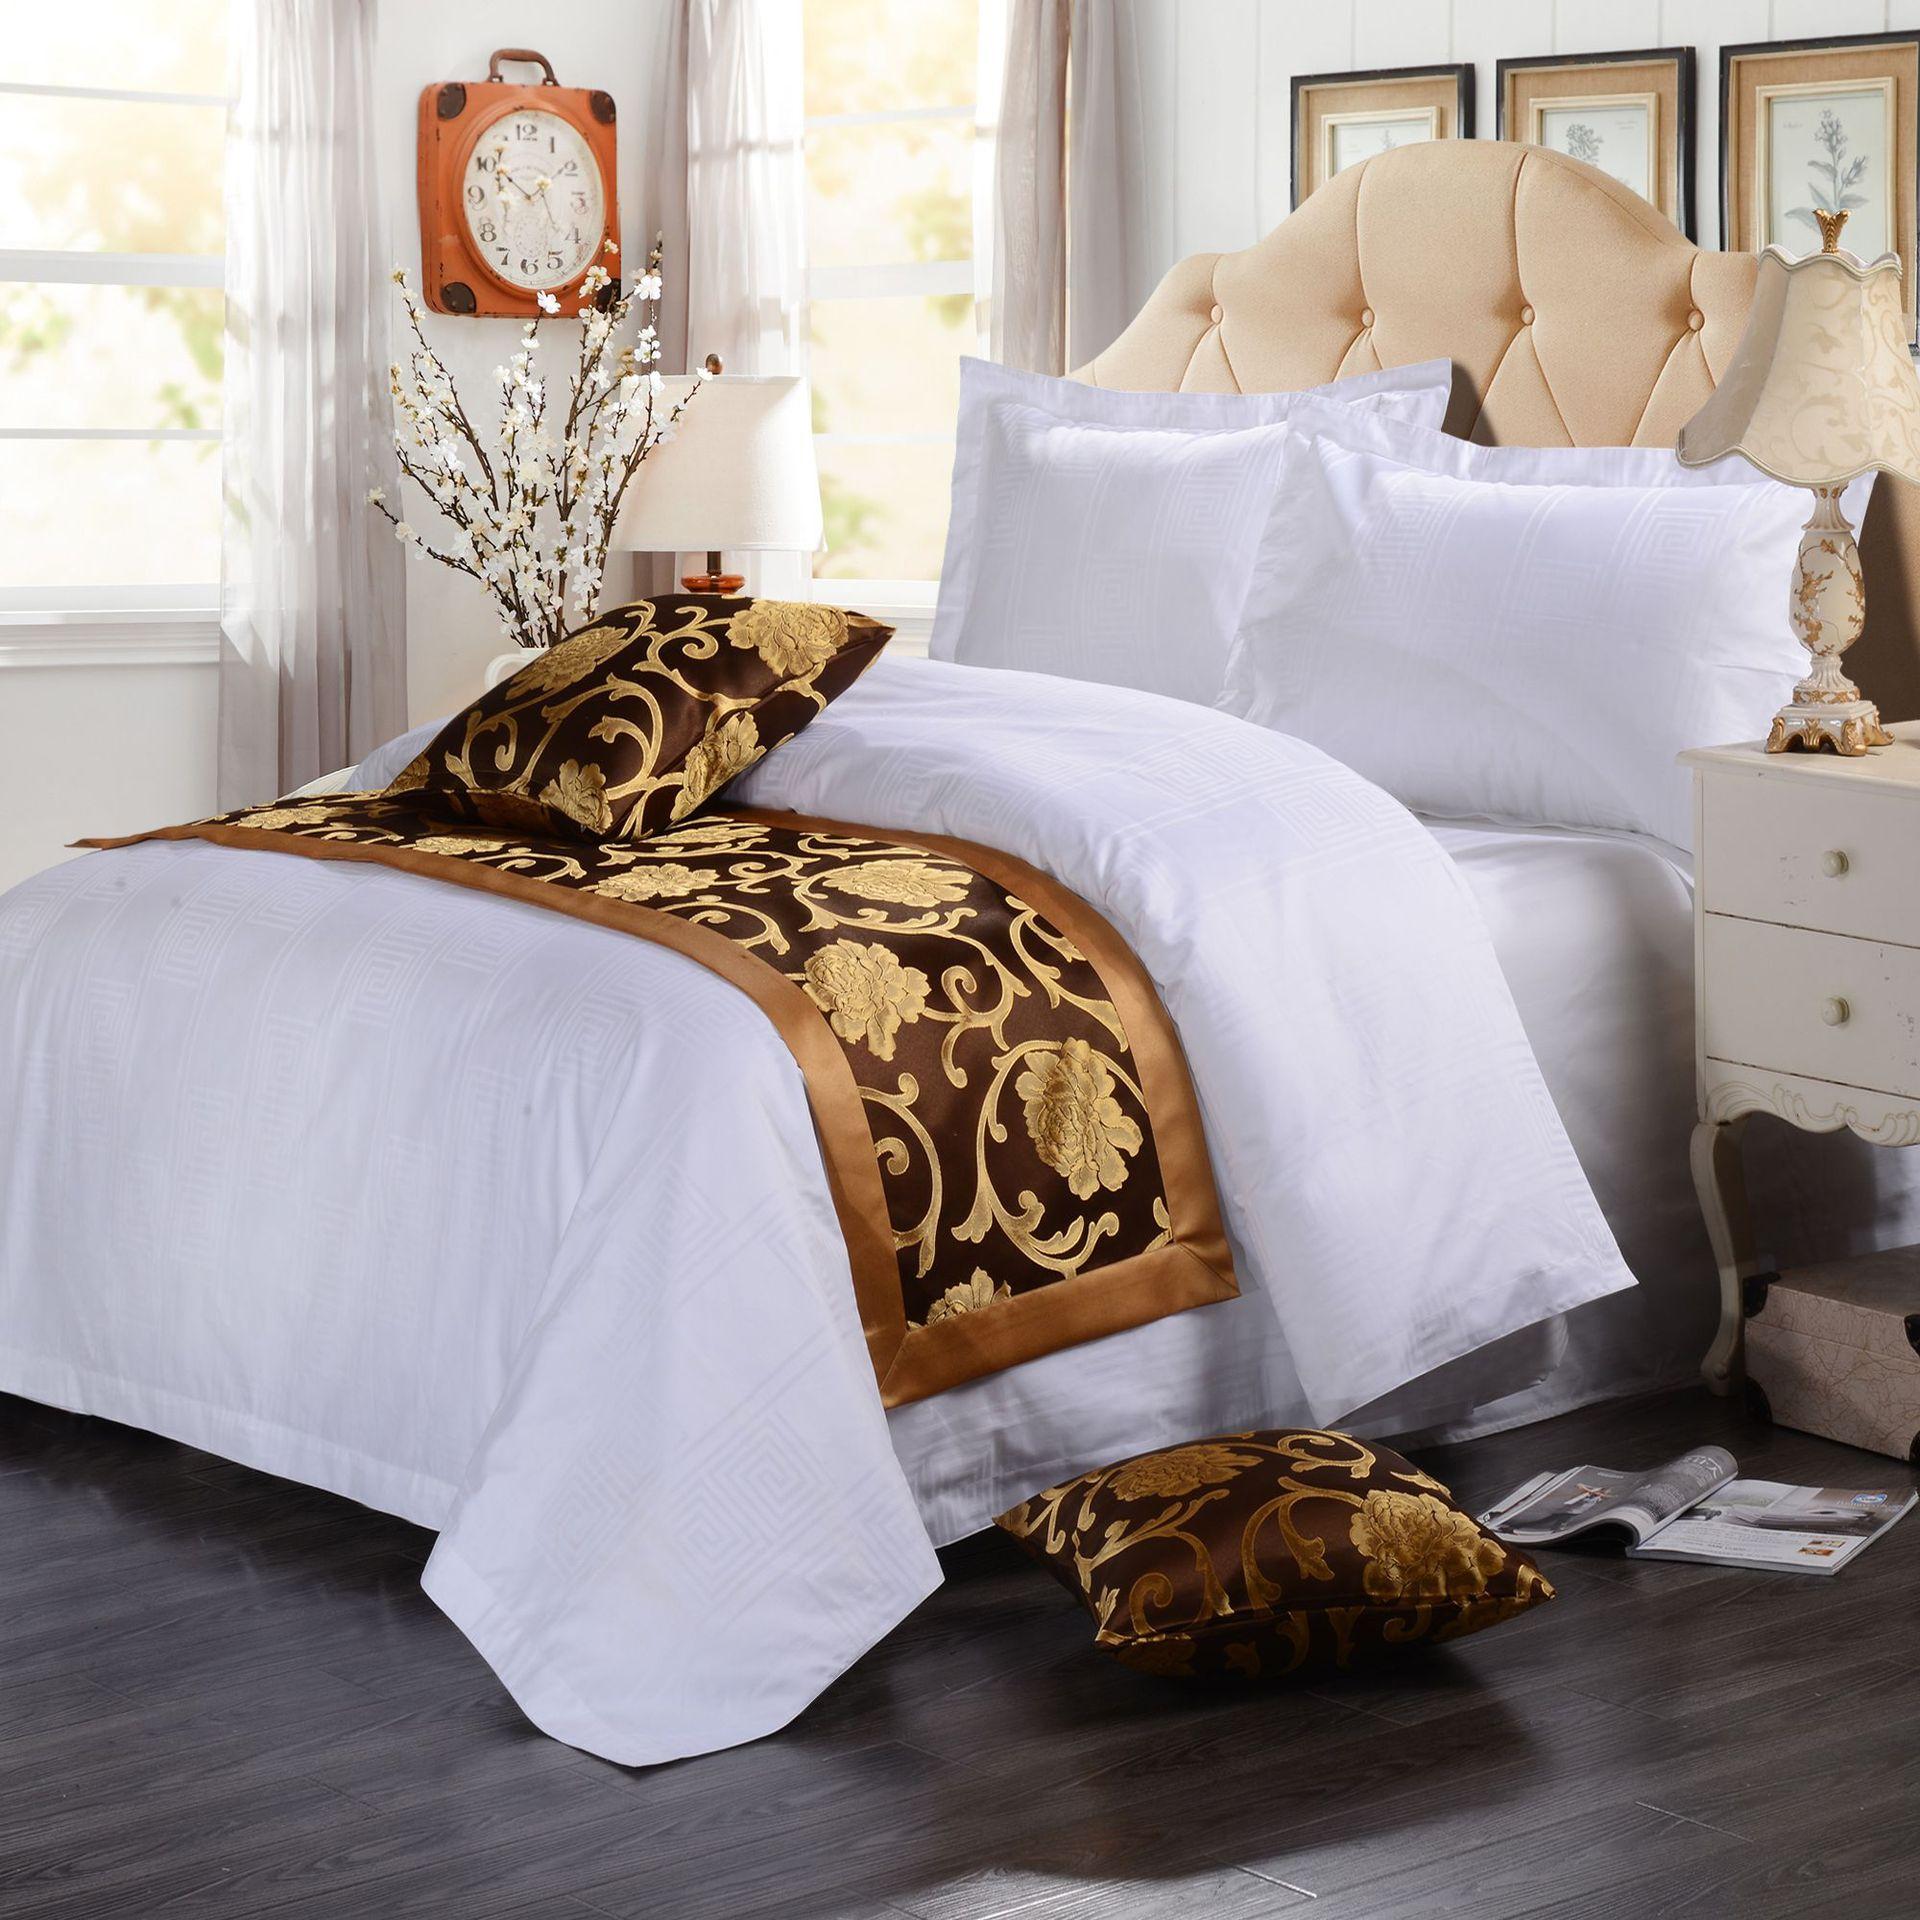 君芝友酒店用品賓館酒店床上用品四件套全棉純白色貢緞4件套床單被套床品JZY-0006